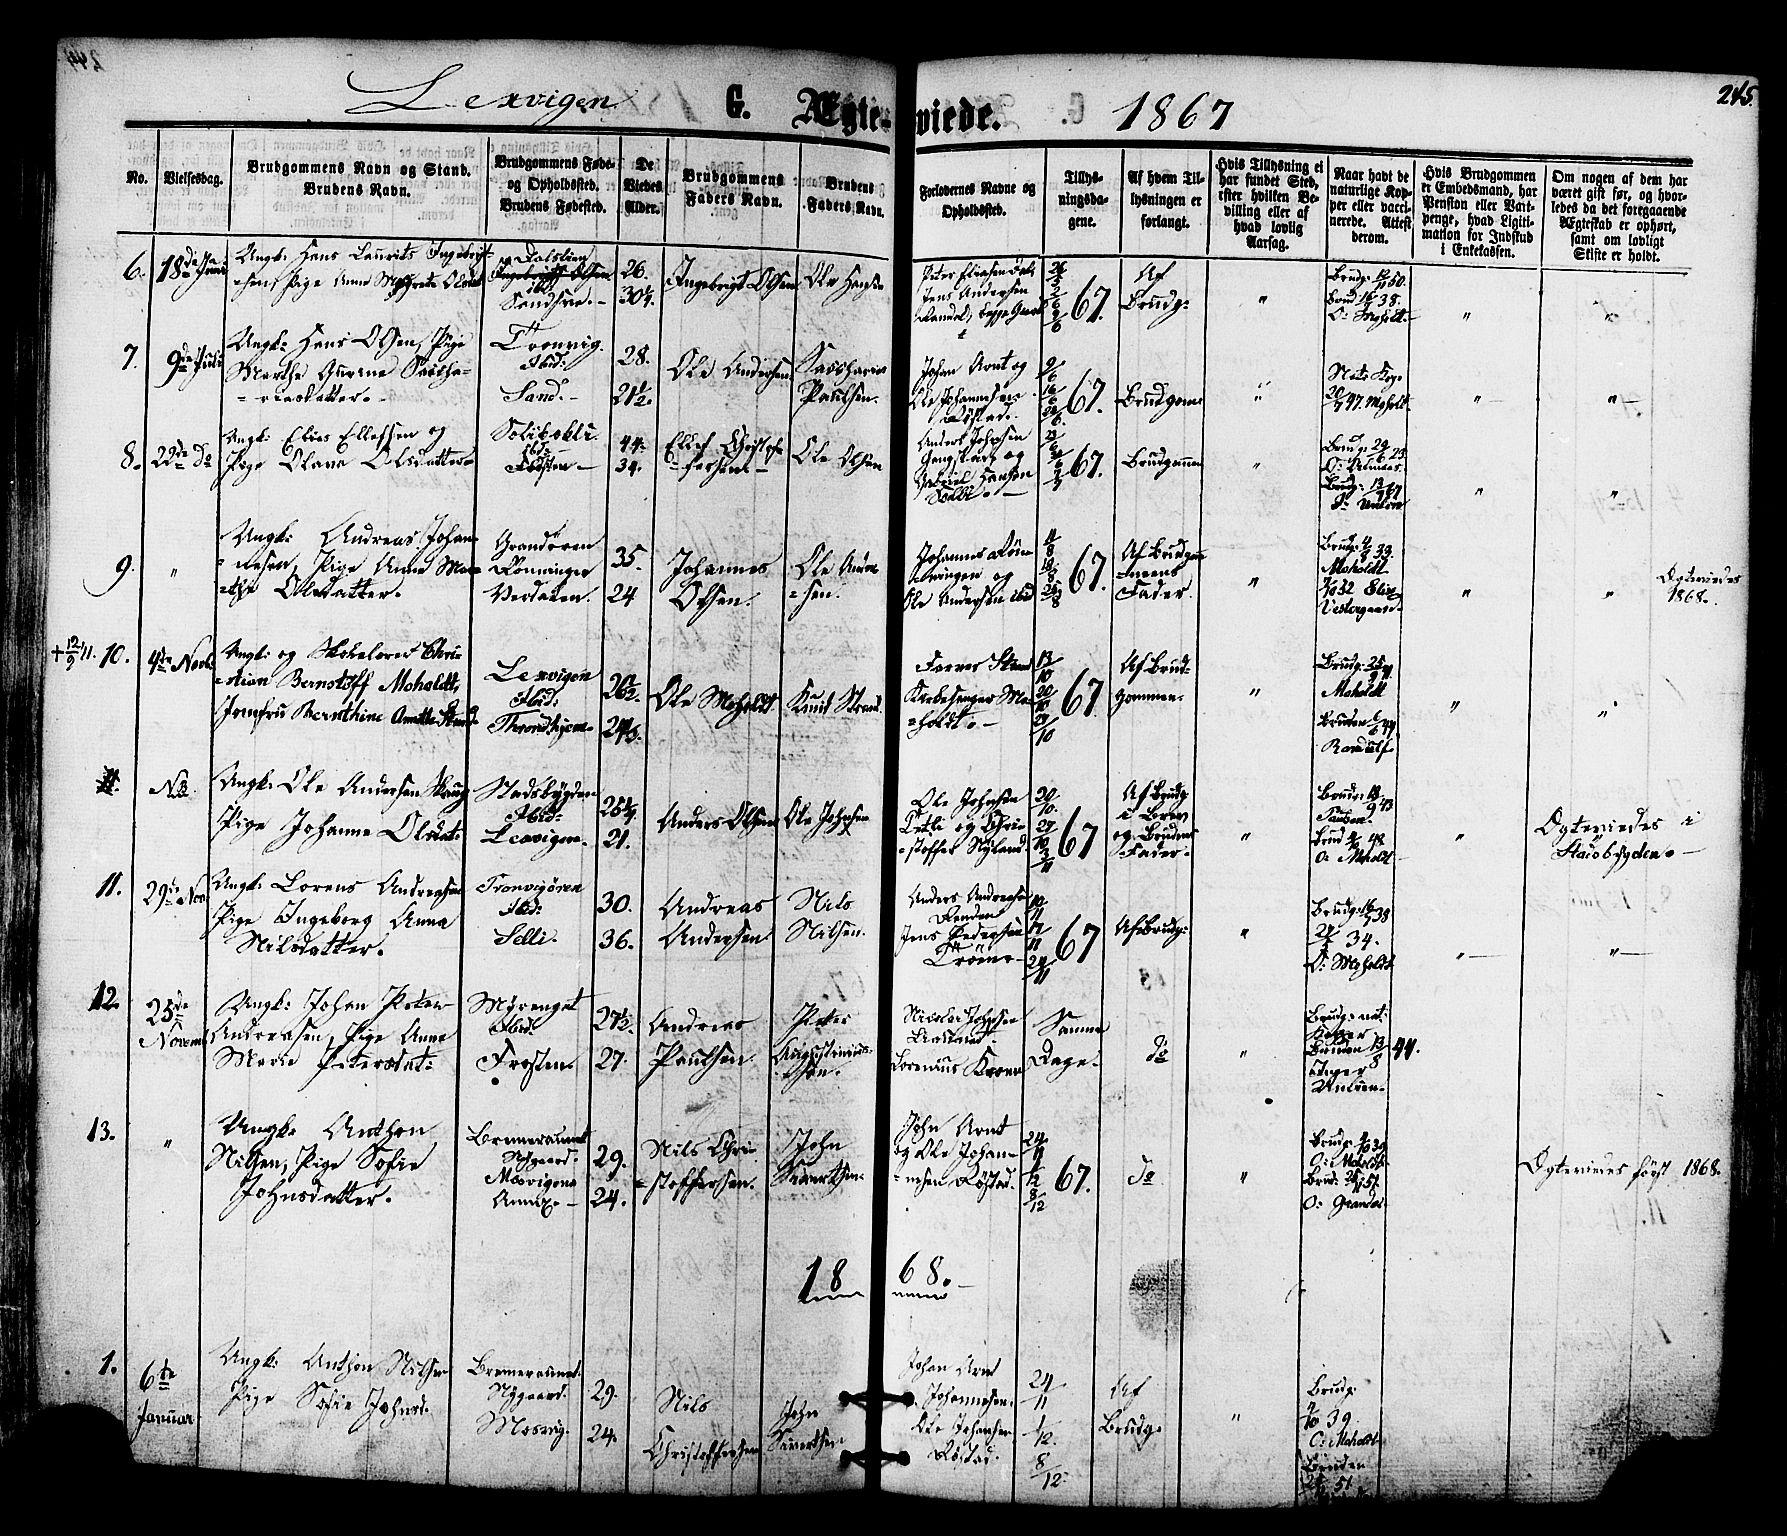 SAT, Ministerialprotokoller, klokkerbøker og fødselsregistre - Nord-Trøndelag, 701/L0009: Ministerialbok nr. 701A09 /1, 1864-1882, s. 245